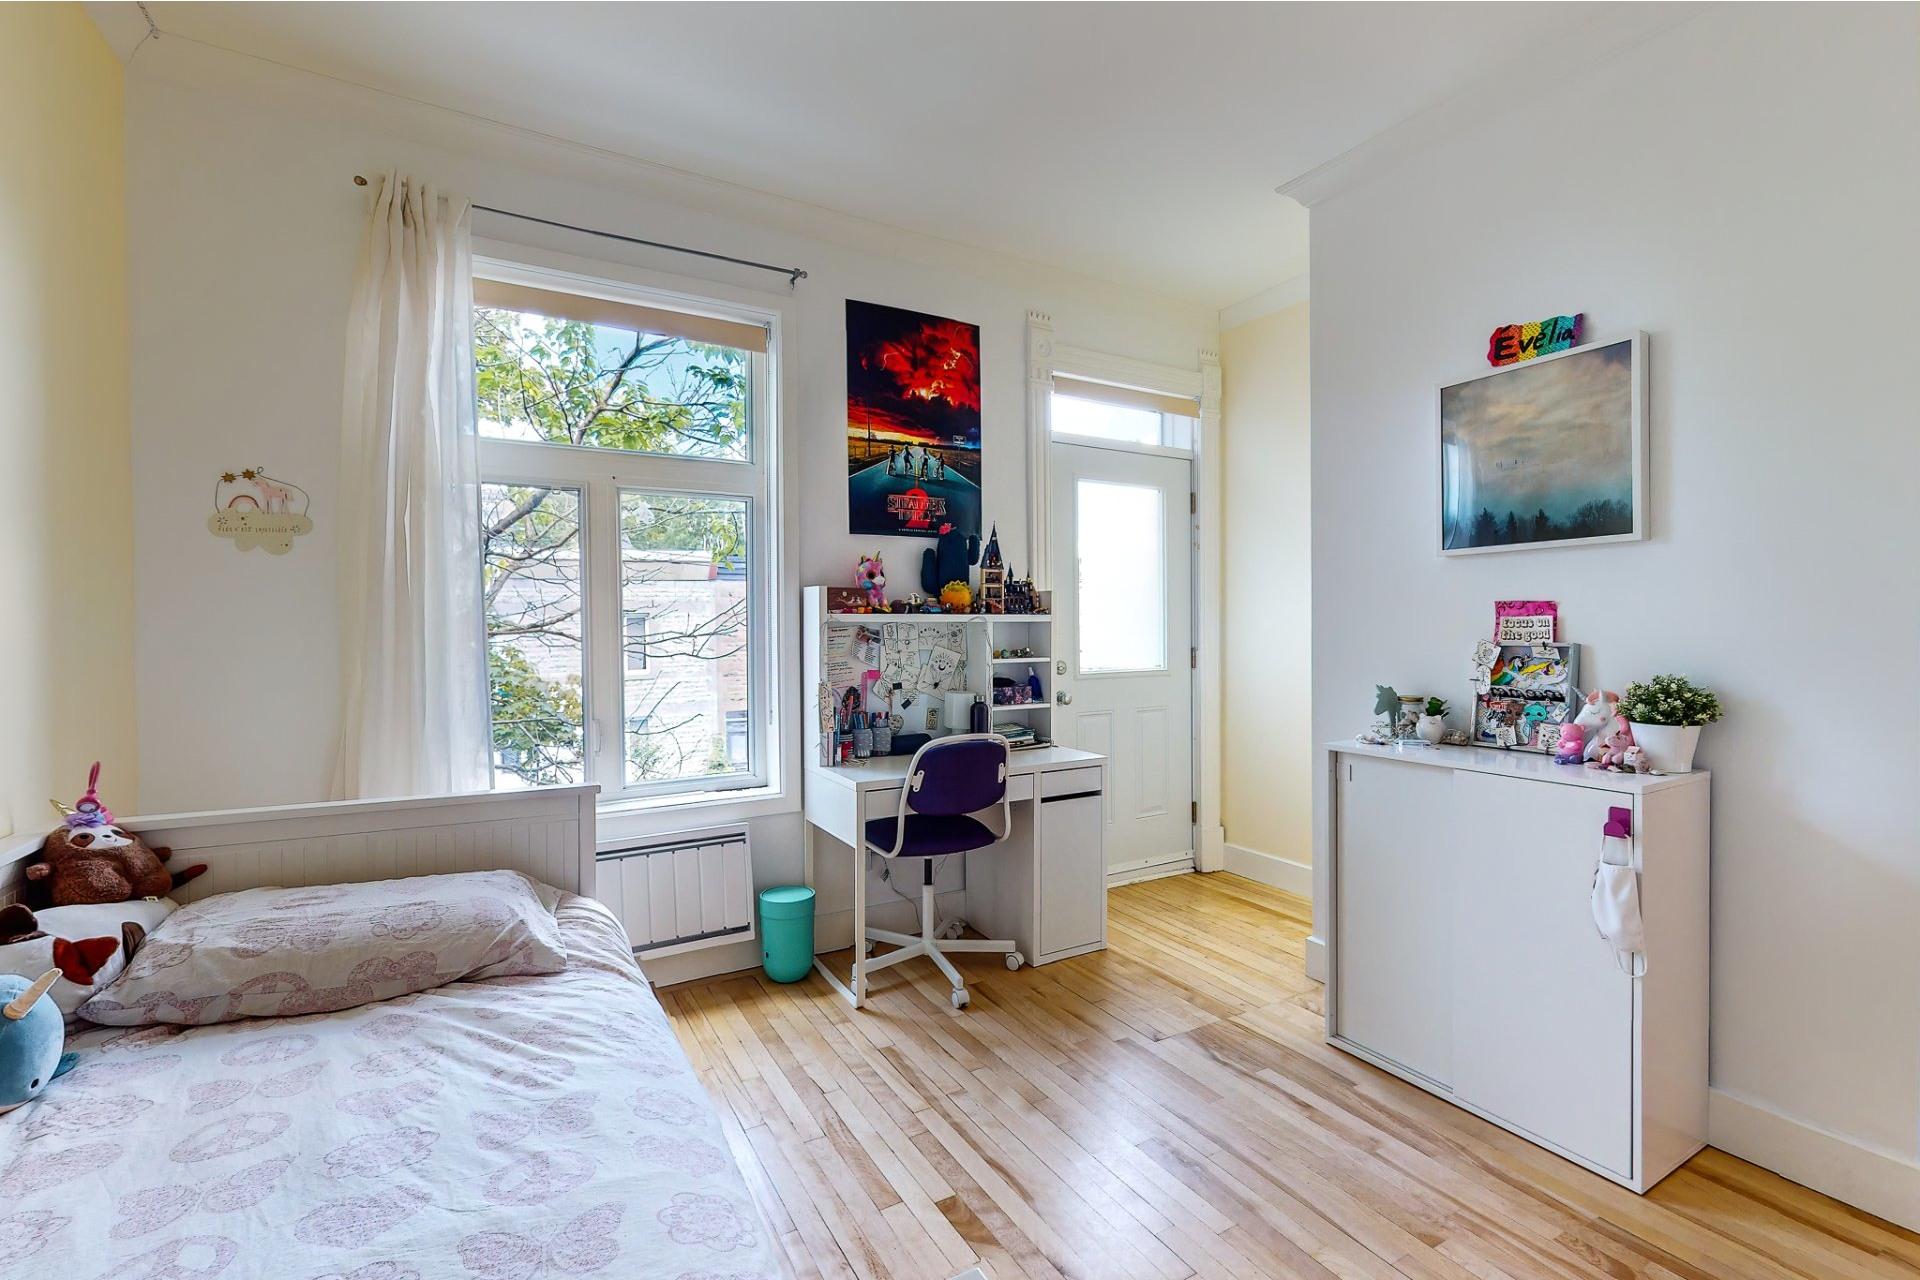 image 19 - Maison À vendre Le Plateau-Mont-Royal Montréal  - 10 pièces